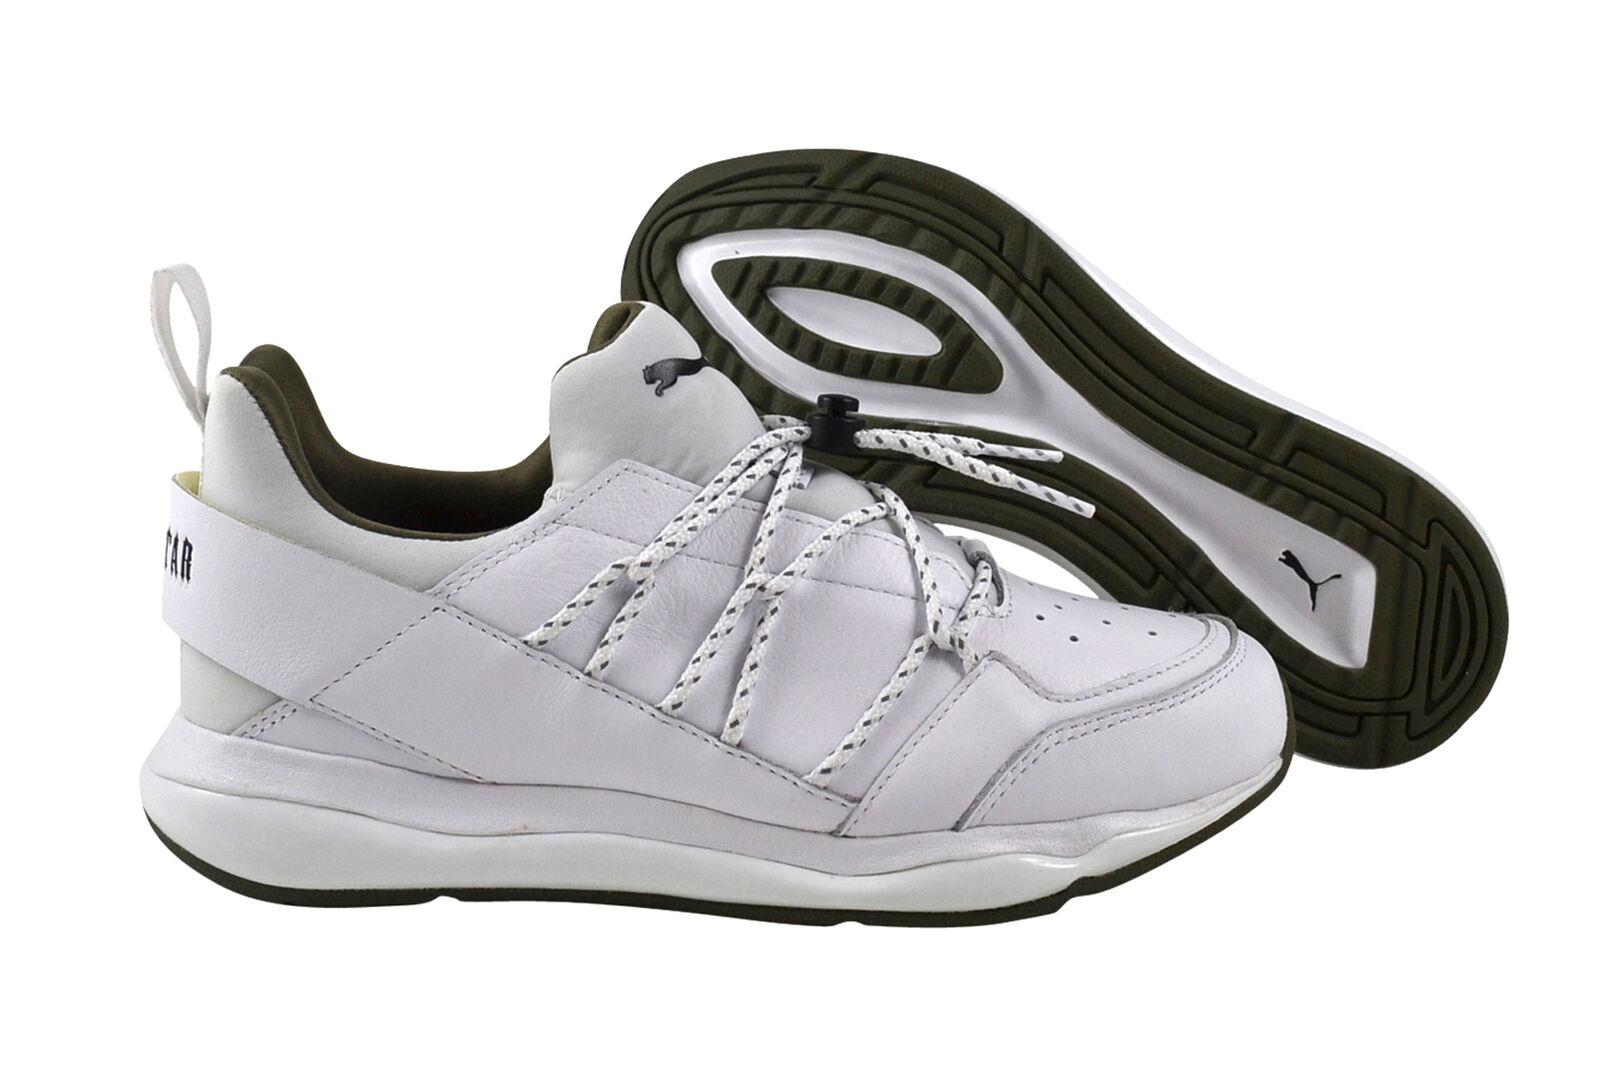 Gran descuento Puma x trapster Cell Bubble White Sneaker/zapatos blanco 364687 01